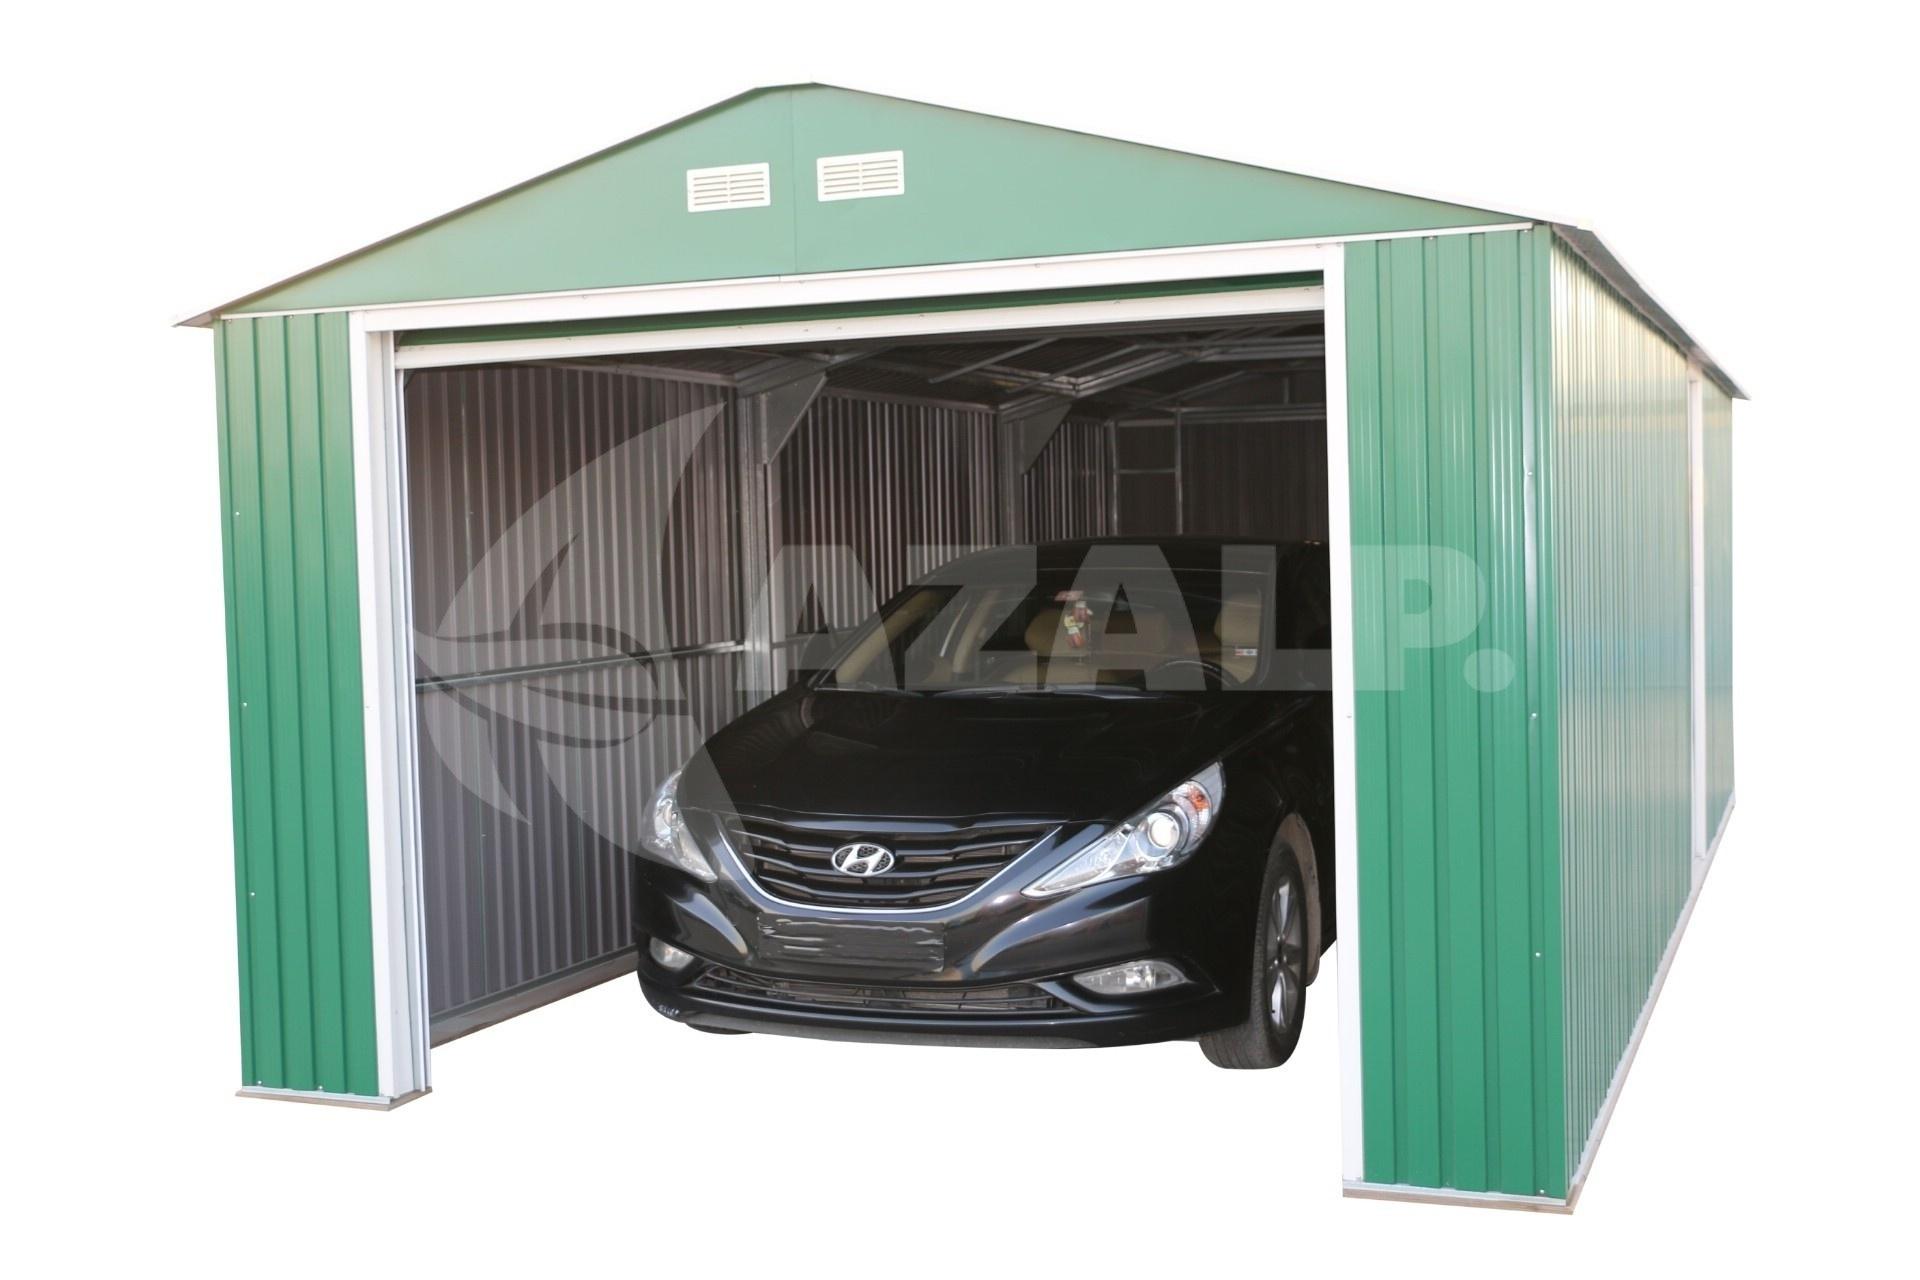 Kachel Voor Garage : Duramax garage 12x20 groen kopen bij azalp.nl